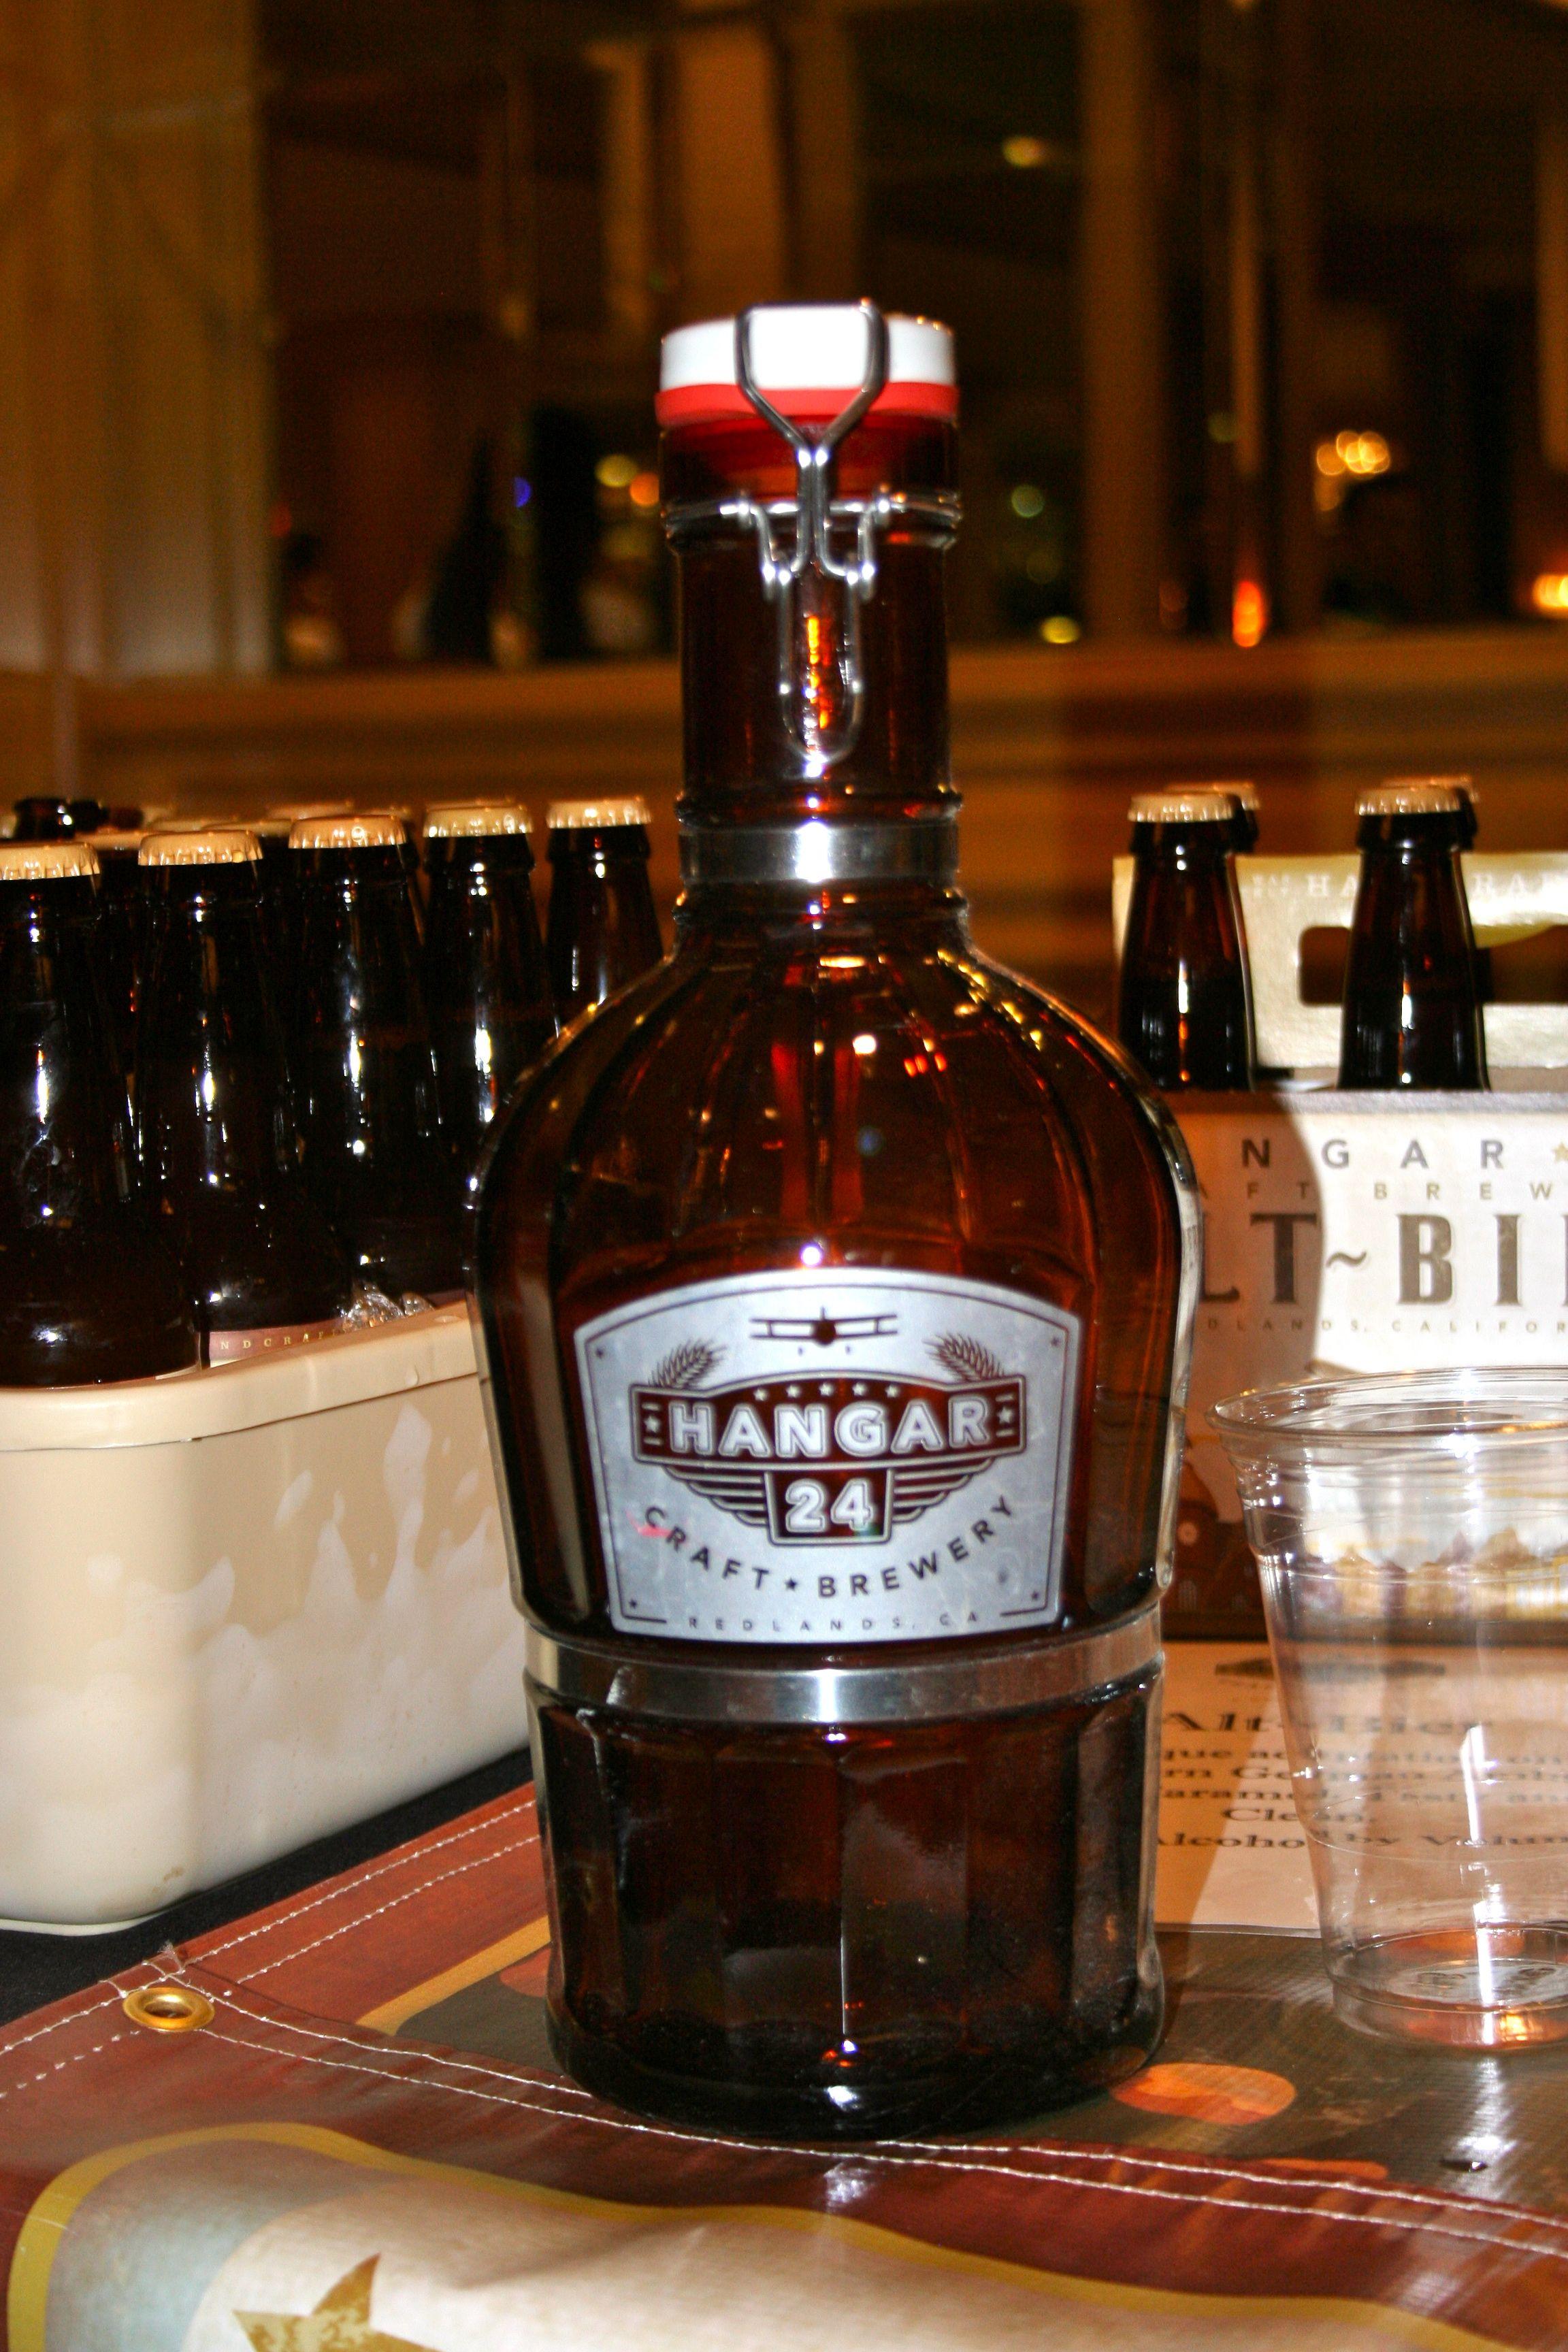 Hangar 24 Growler Beers In Paradise Beer Growler Crafts Beer Growler Craft Beer